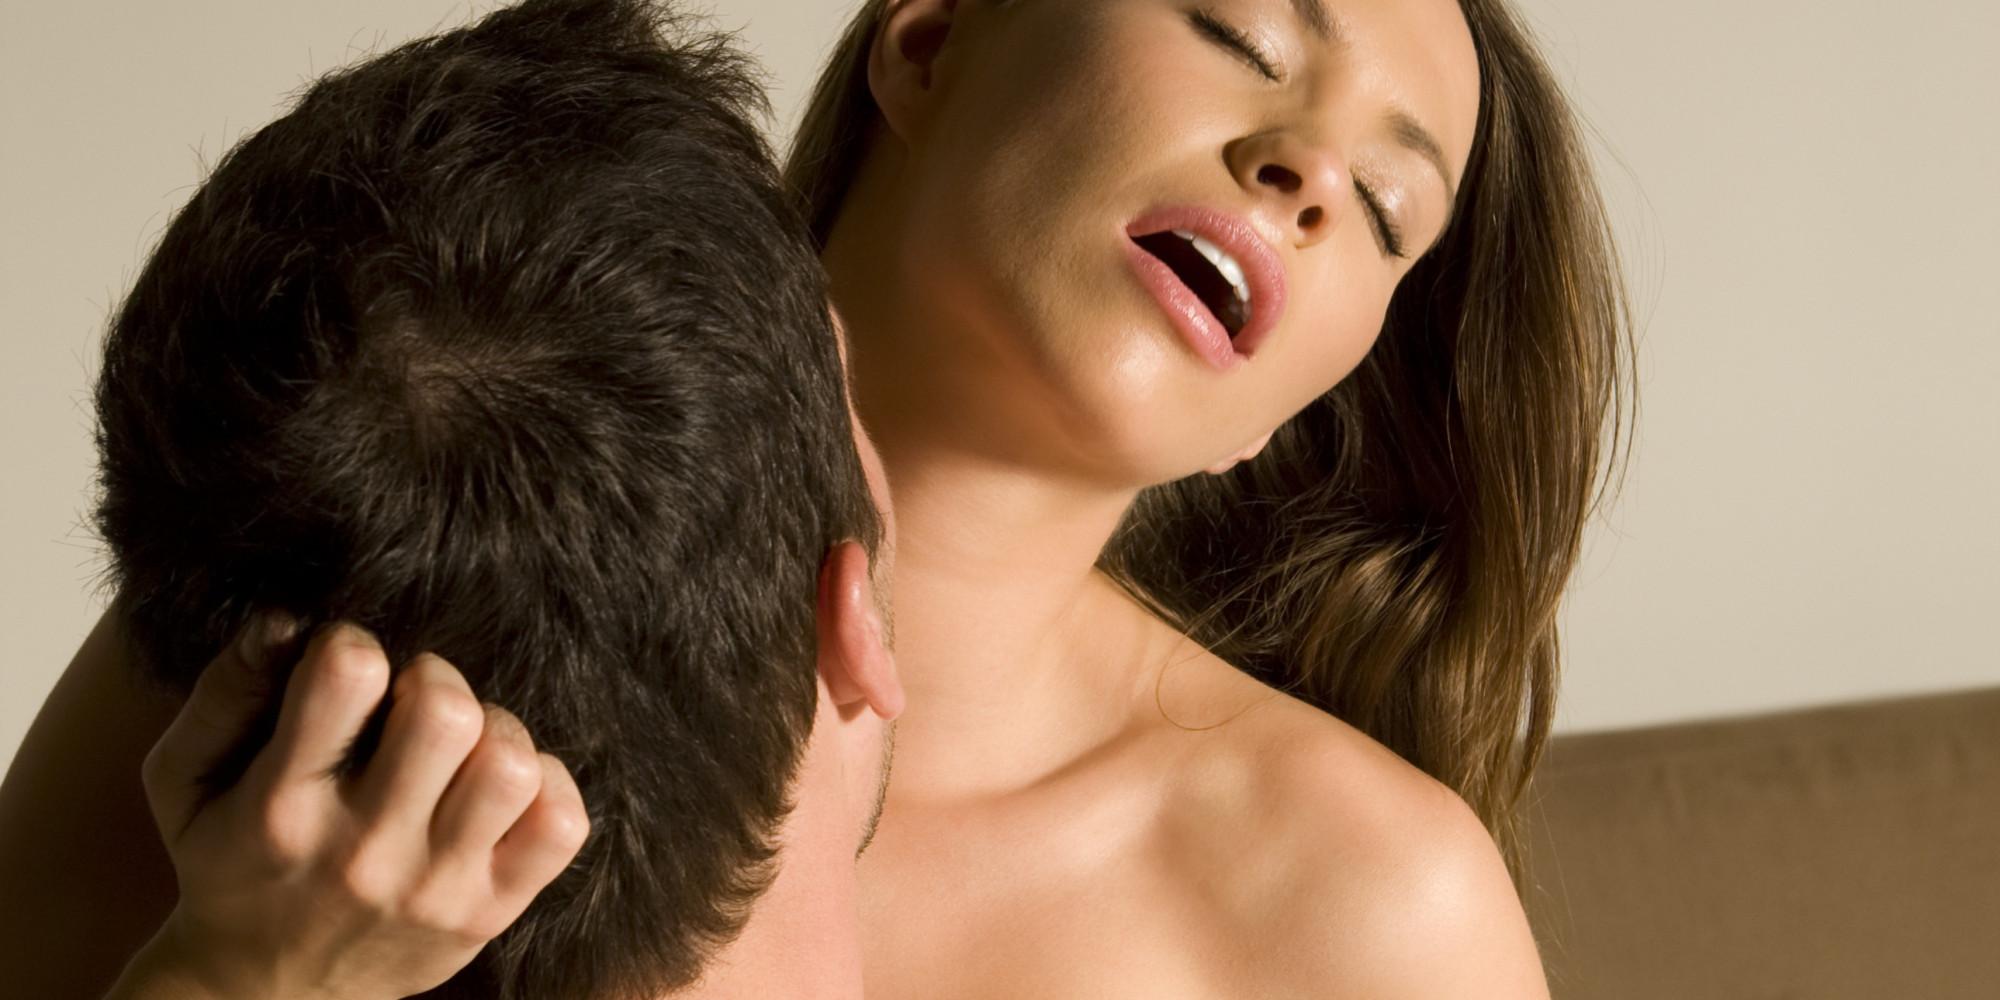 spank tits anal